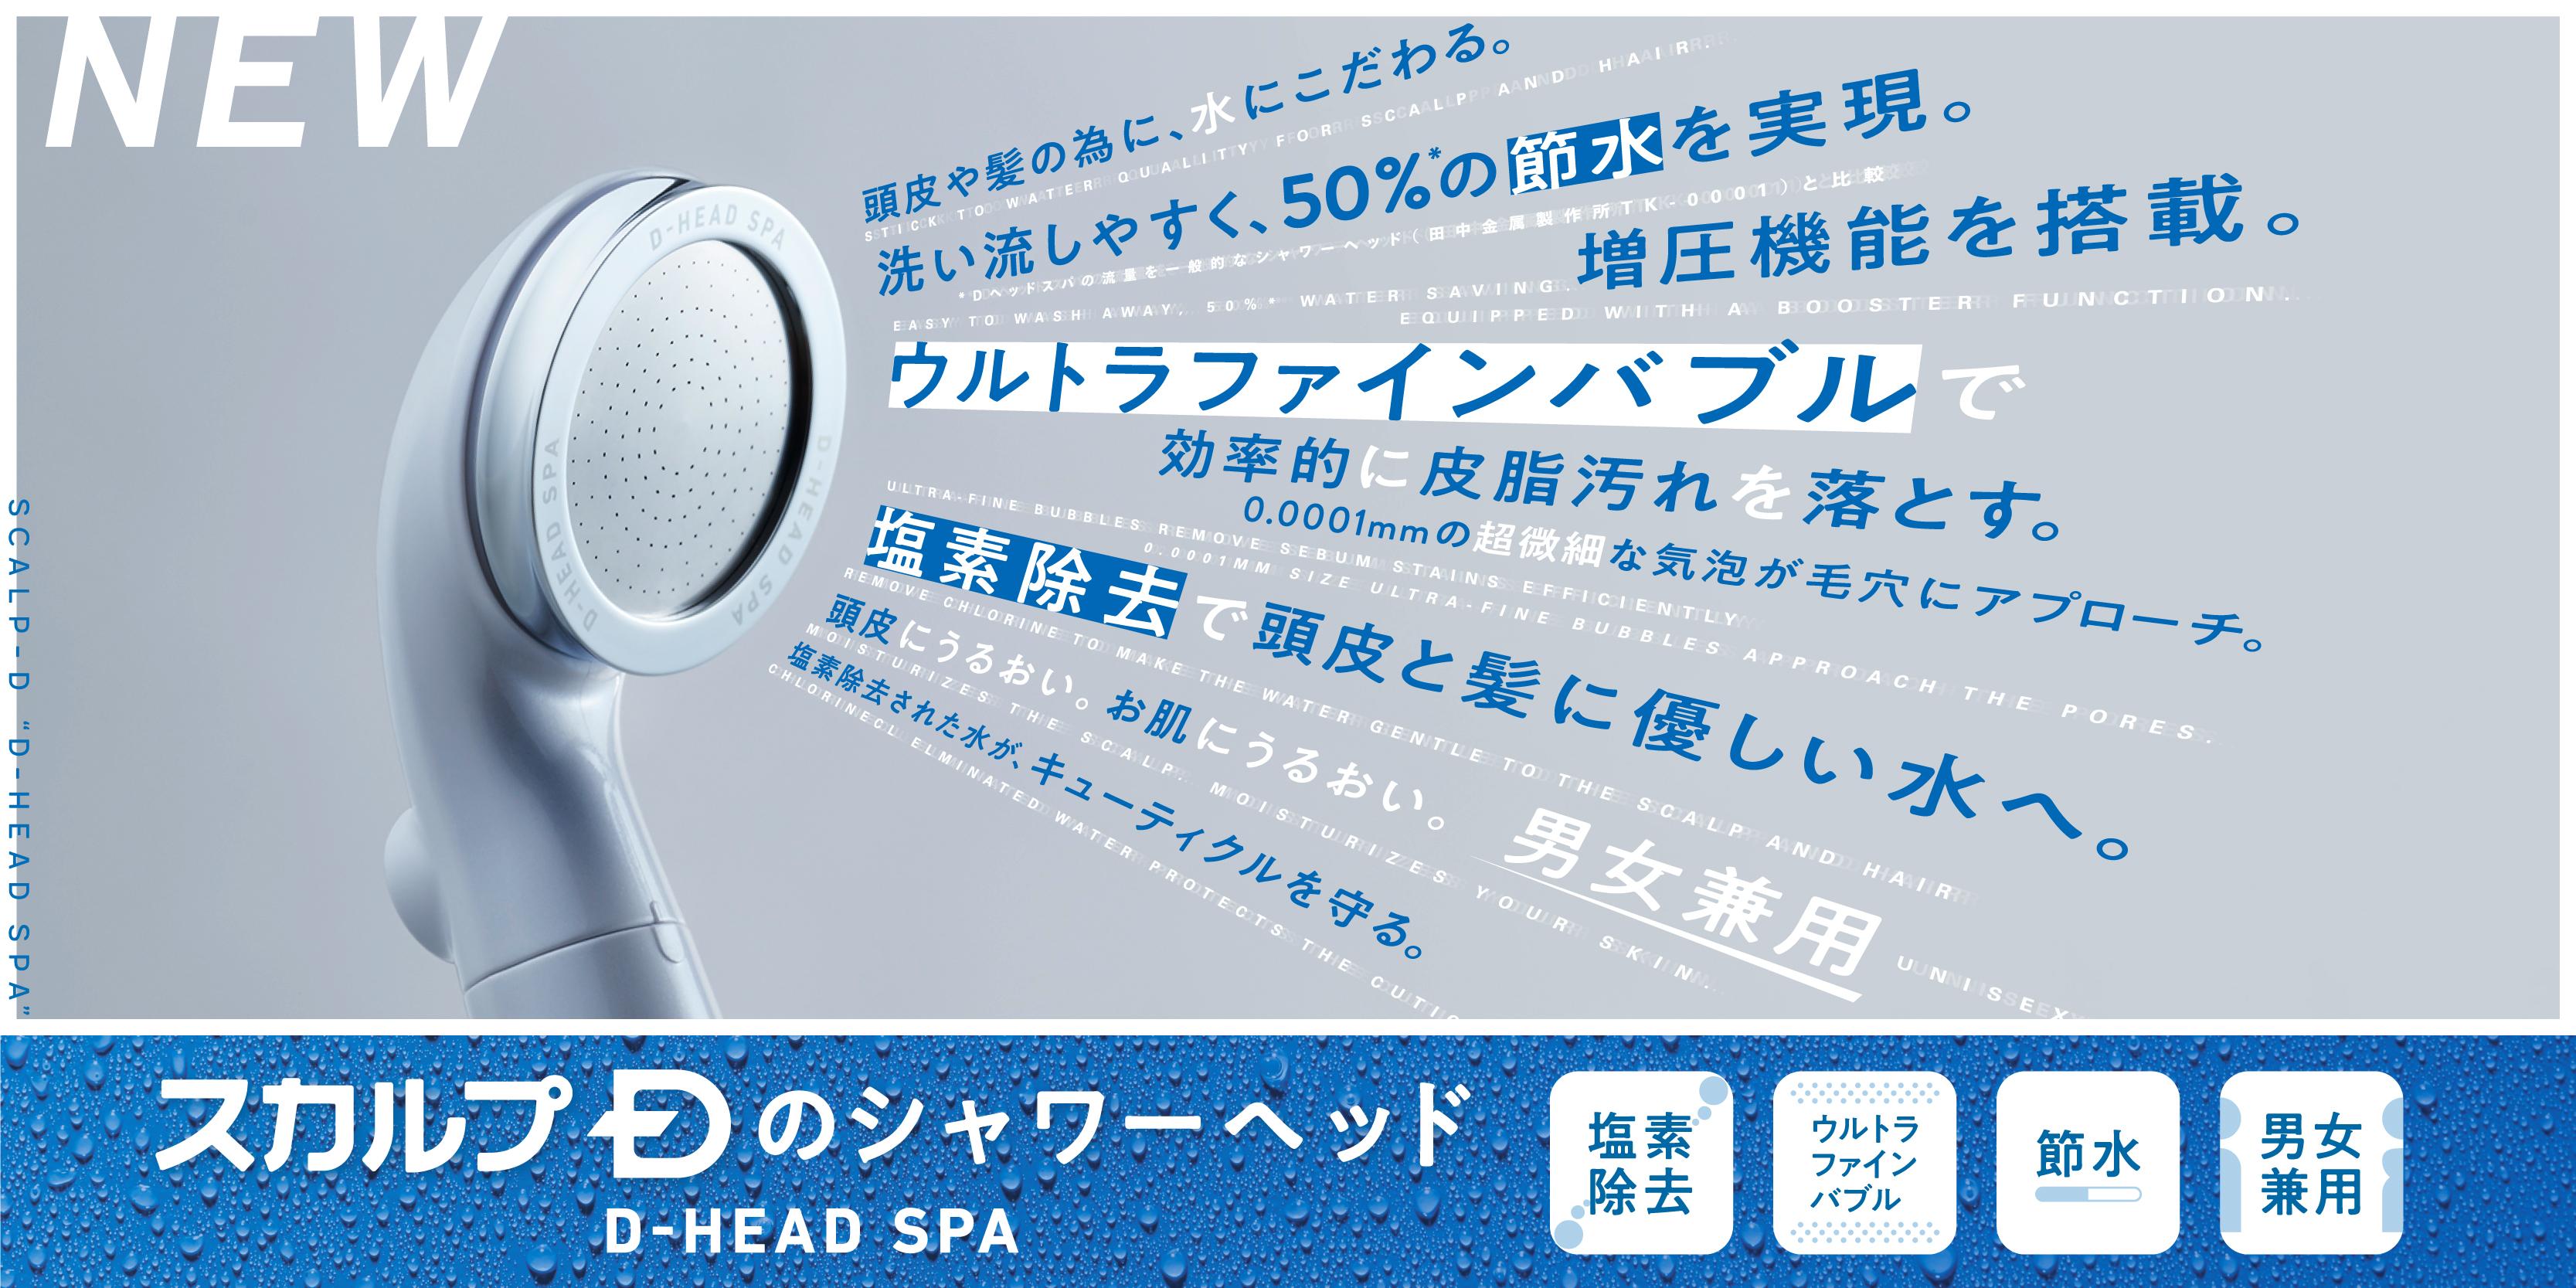 """スカルプDד奇跡のシャワーヘッド""""と呼ばれたボリーナ  頭皮と髪に優しい「D-ヘッドスパ」 が誕生"""